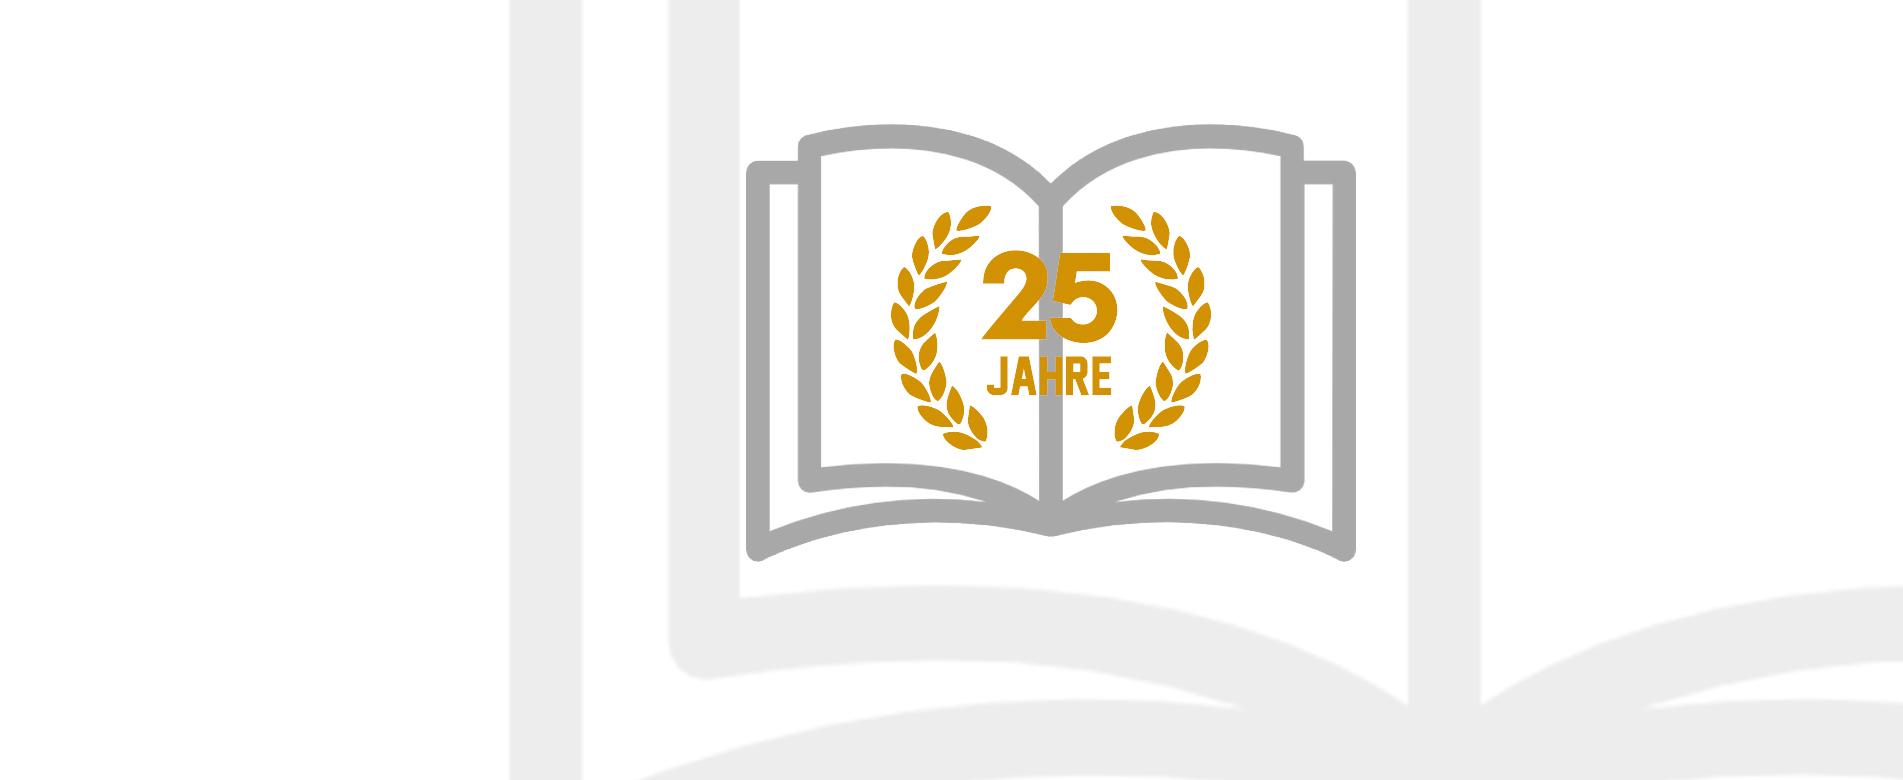 25 éves jubileumát ünnepli a Német Nyelv és Irodalom Tanszék